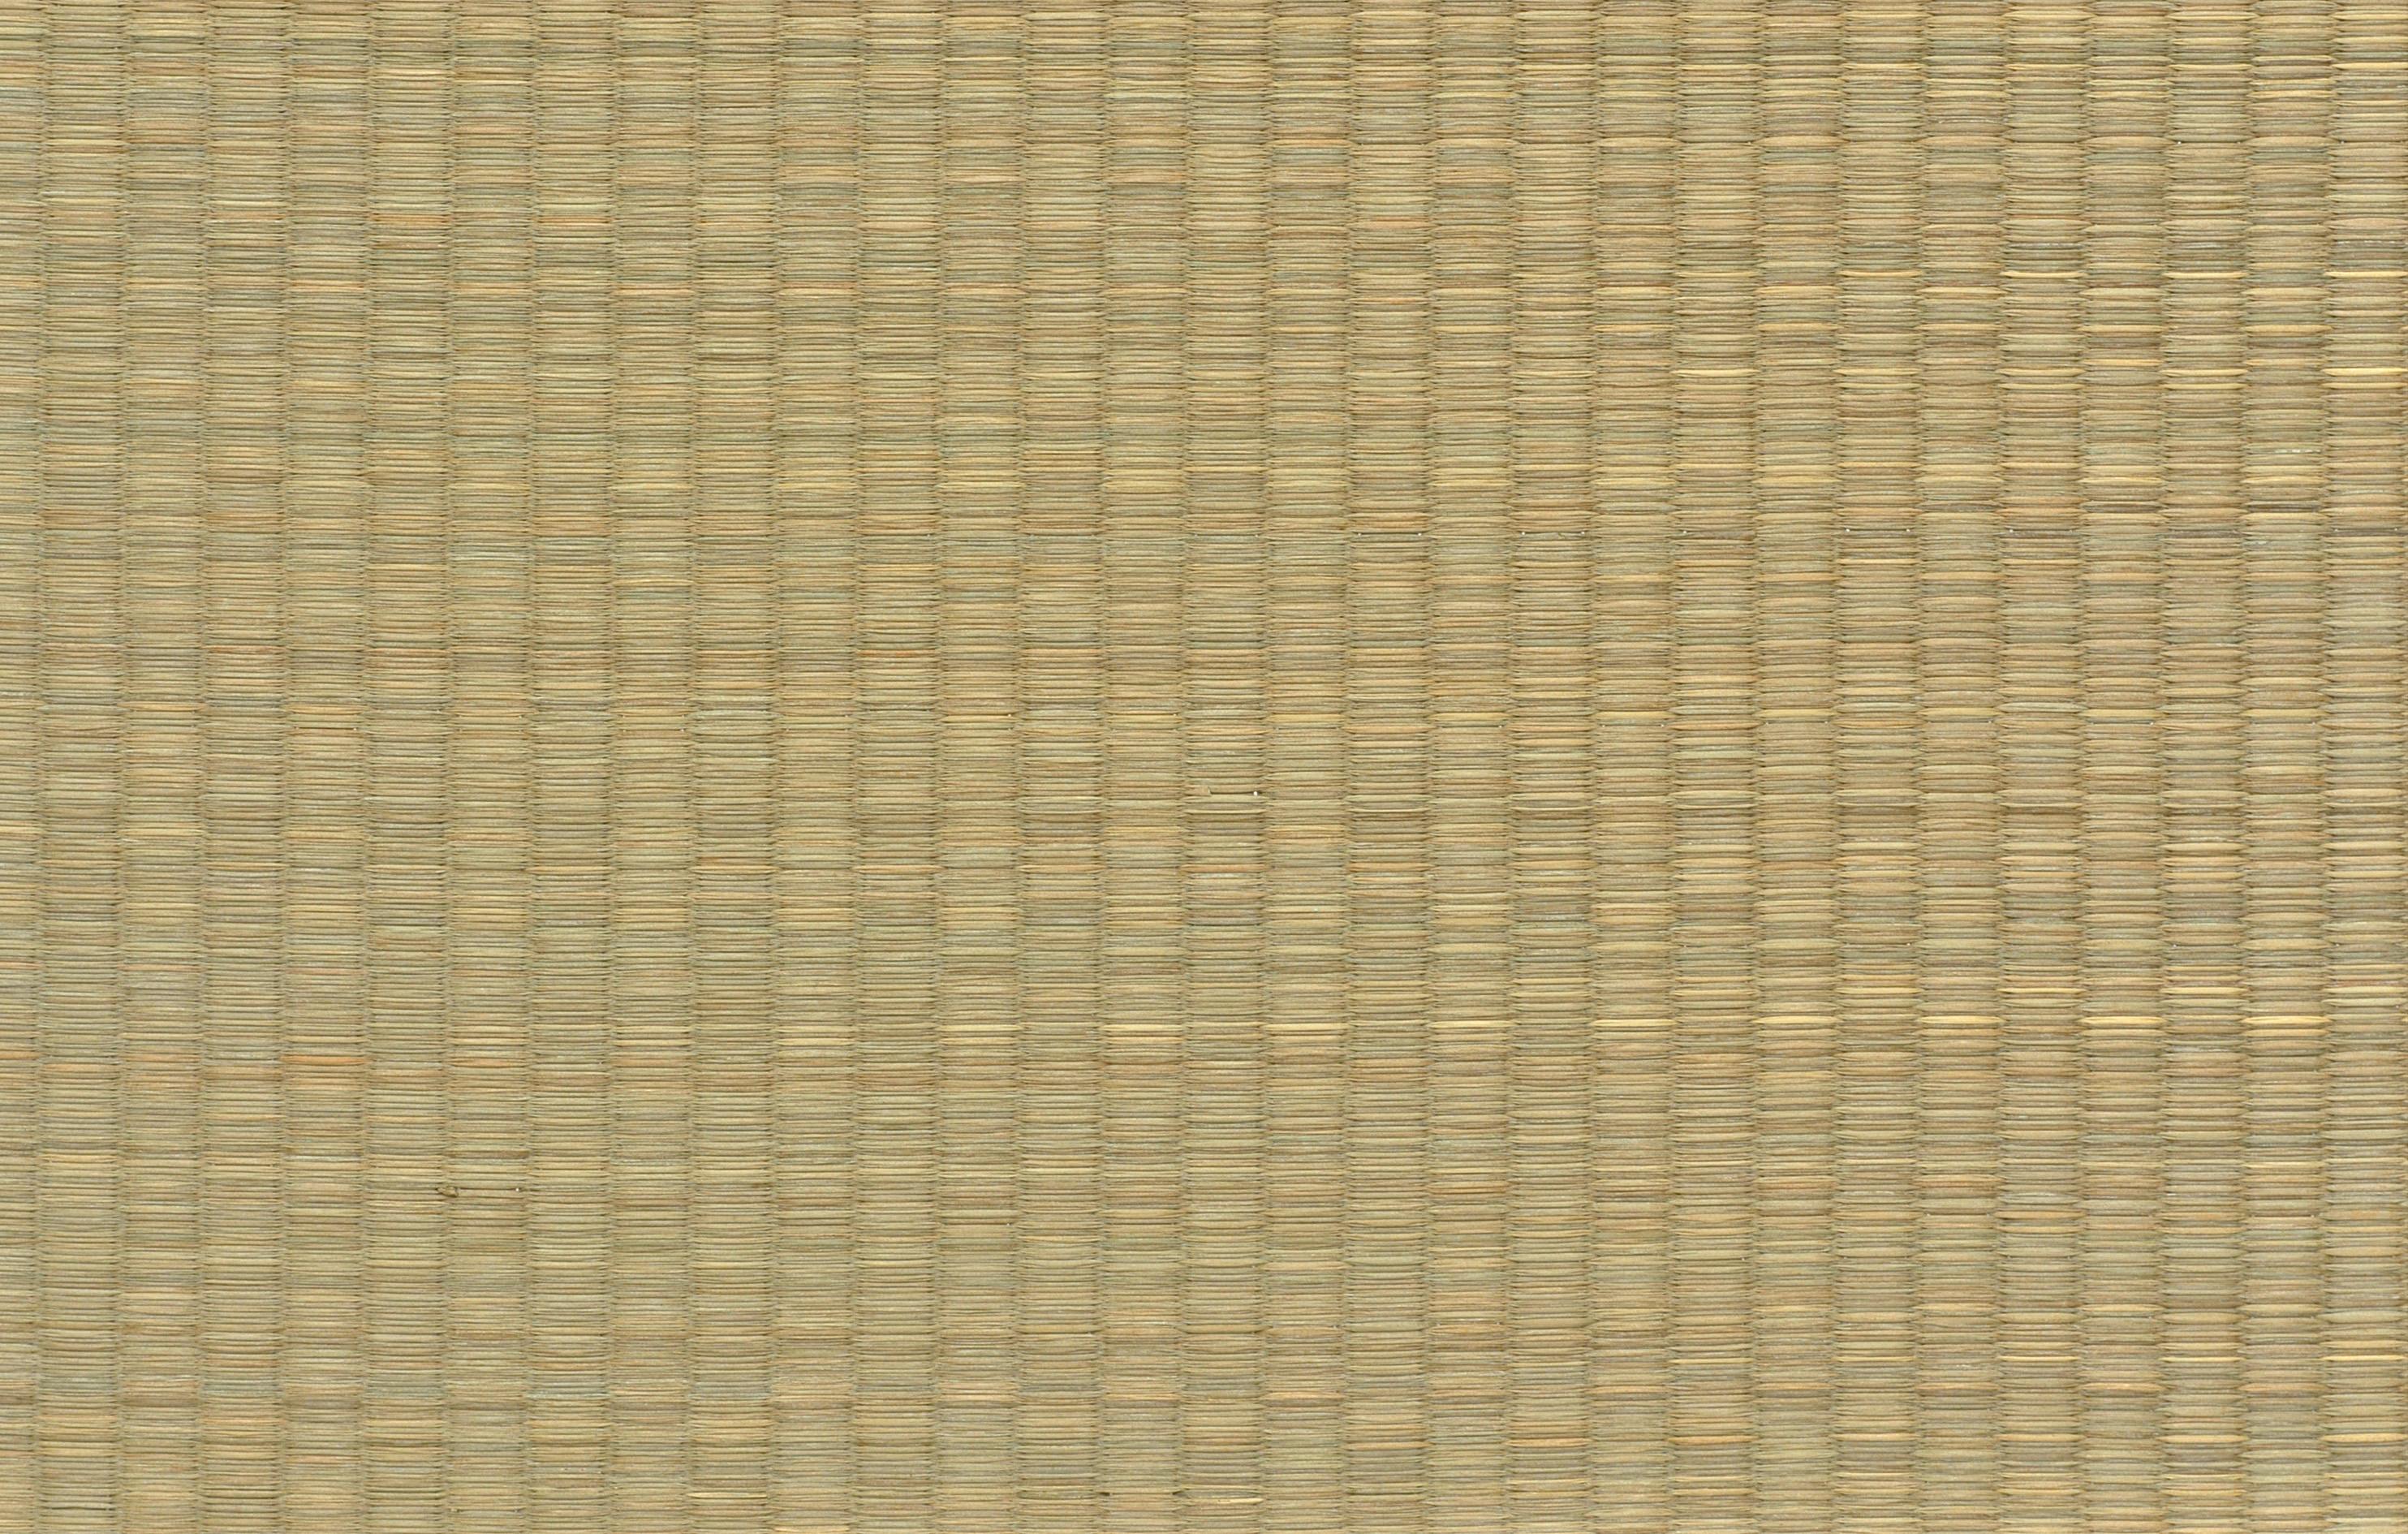 木材-编制品(13)